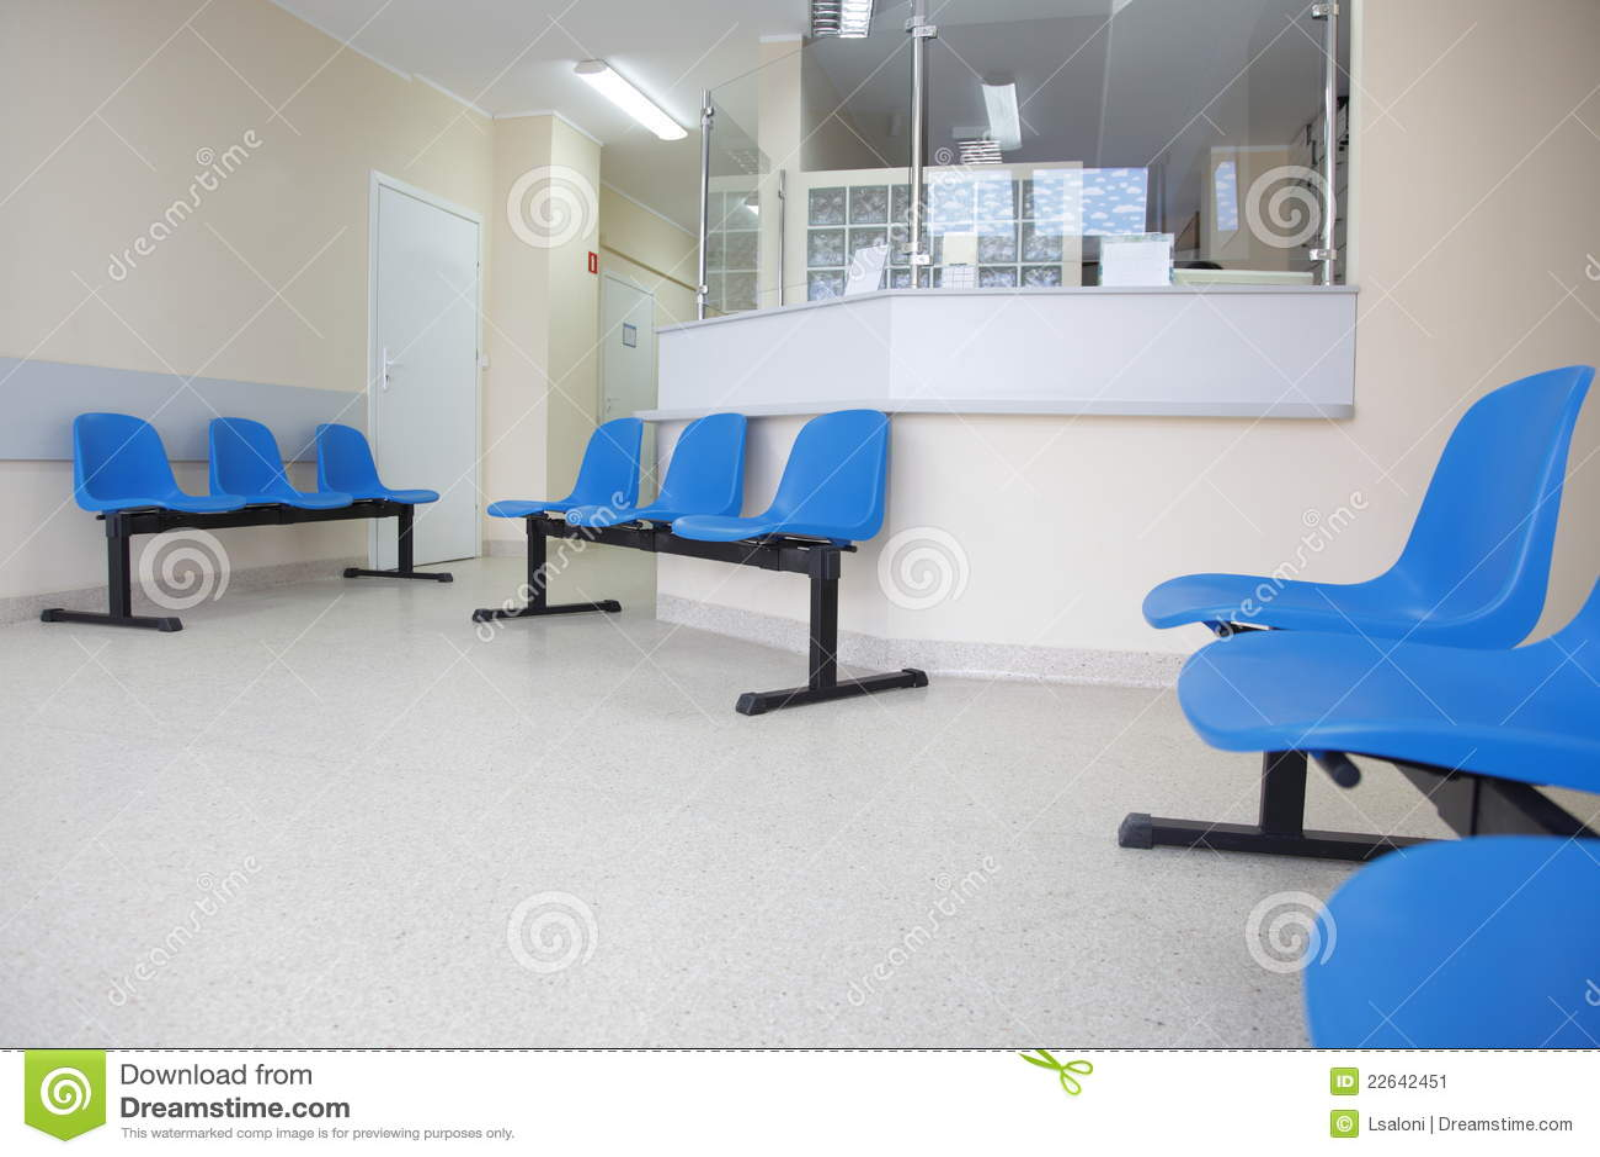 Sillas azules de la sala de espera en el suelo imagen de for Sillas para la sala